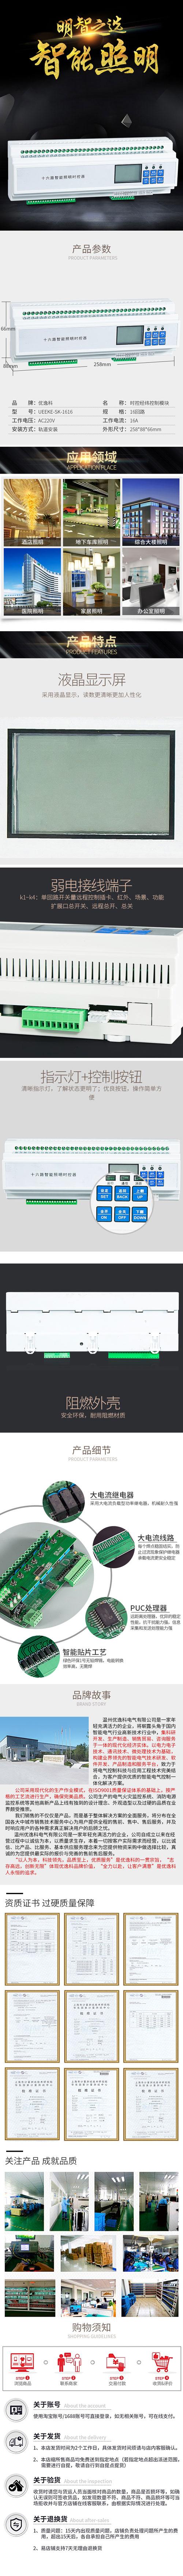 16回路時控經緯控制模塊-詳情.jpg